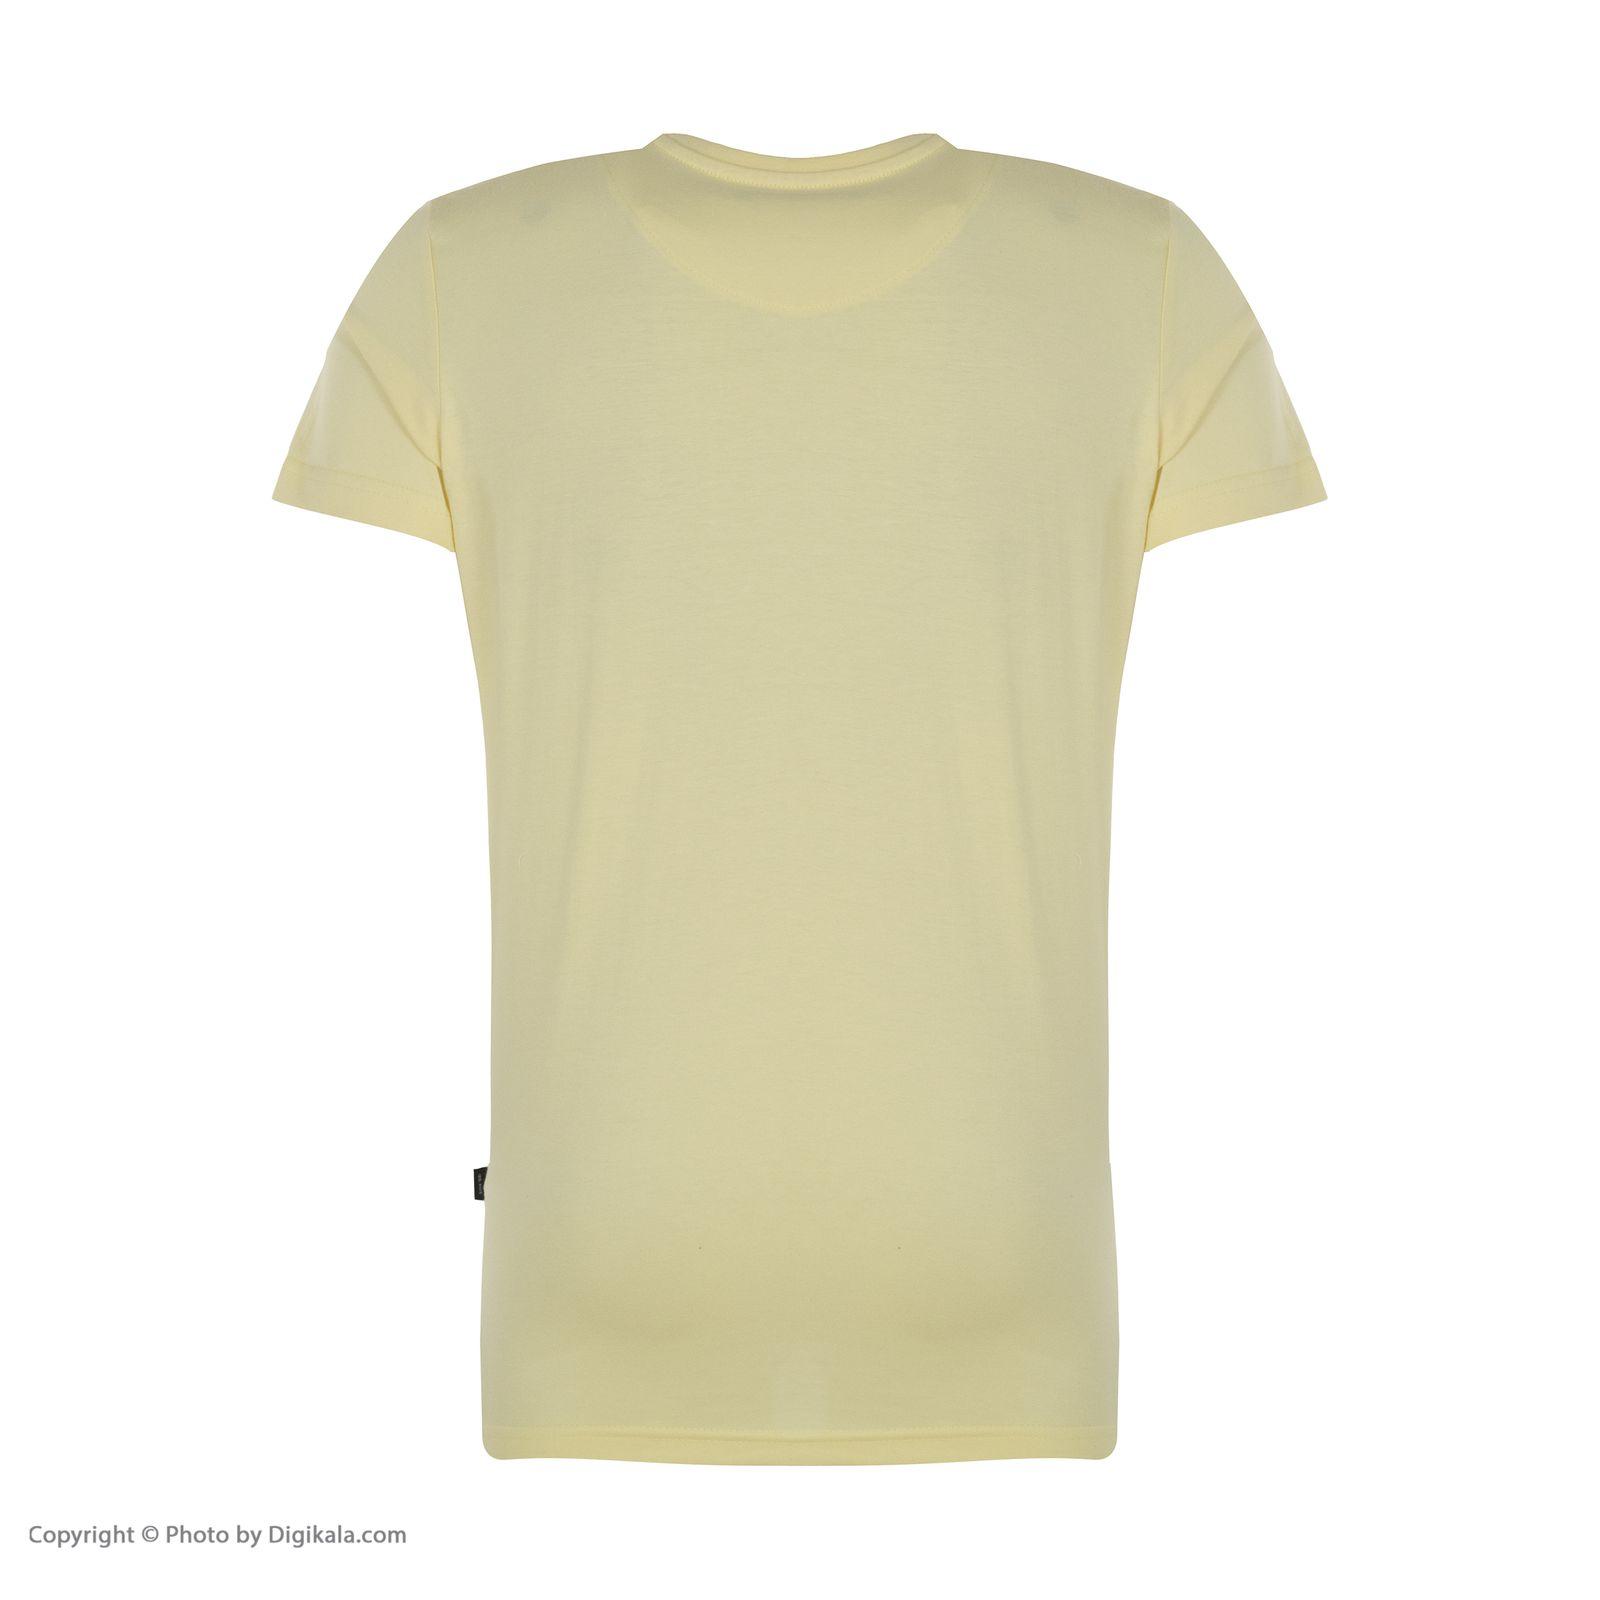 تی شرت مردانه جامه پوش آرا مدل 4011018304-16 main 1 4